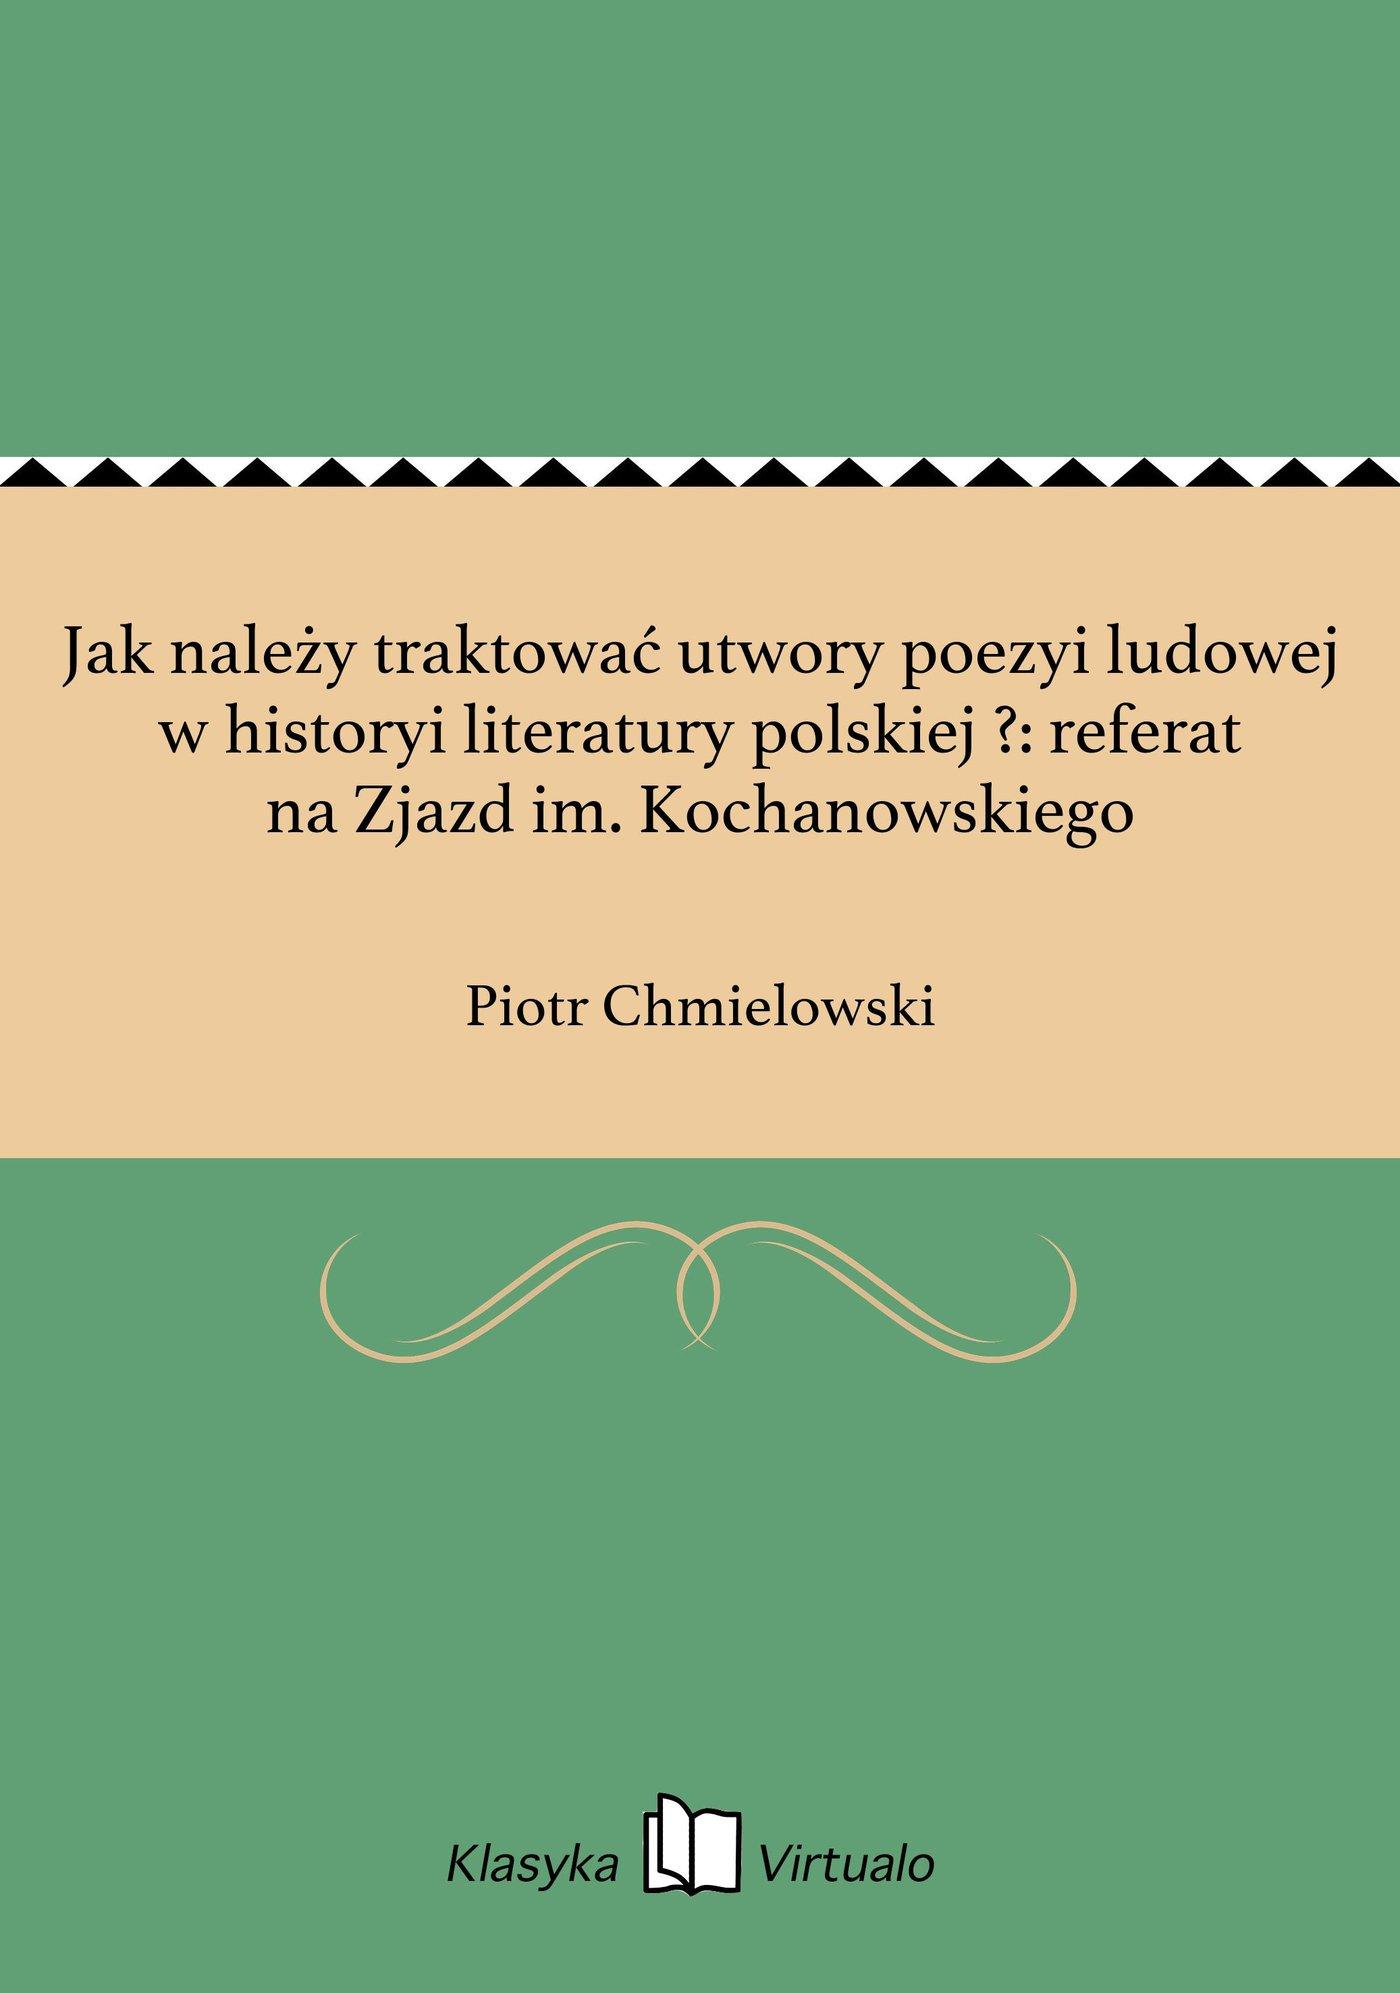 Jak należy traktować utwory poezyi ludowej w historyi literatury polskiej ?: referat na Zjazd im. Kochanowskiego - Ebook (Książka EPUB) do pobrania w formacie EPUB